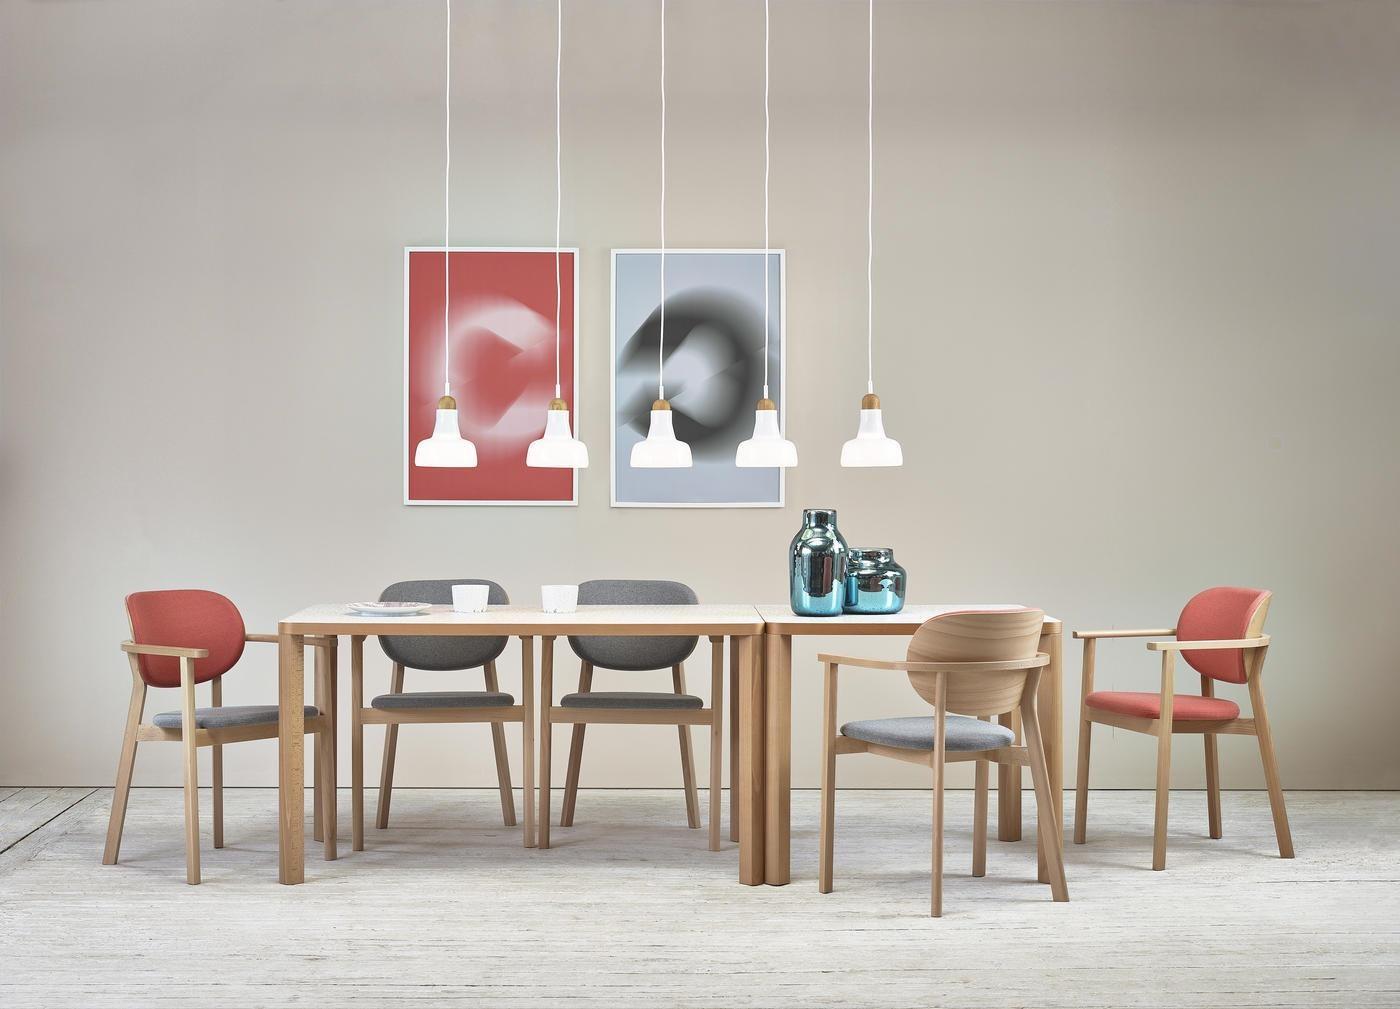 Ghế gỗ plywood bọc nệm vải với lối thiết kế mang đậm phong cách Nhật